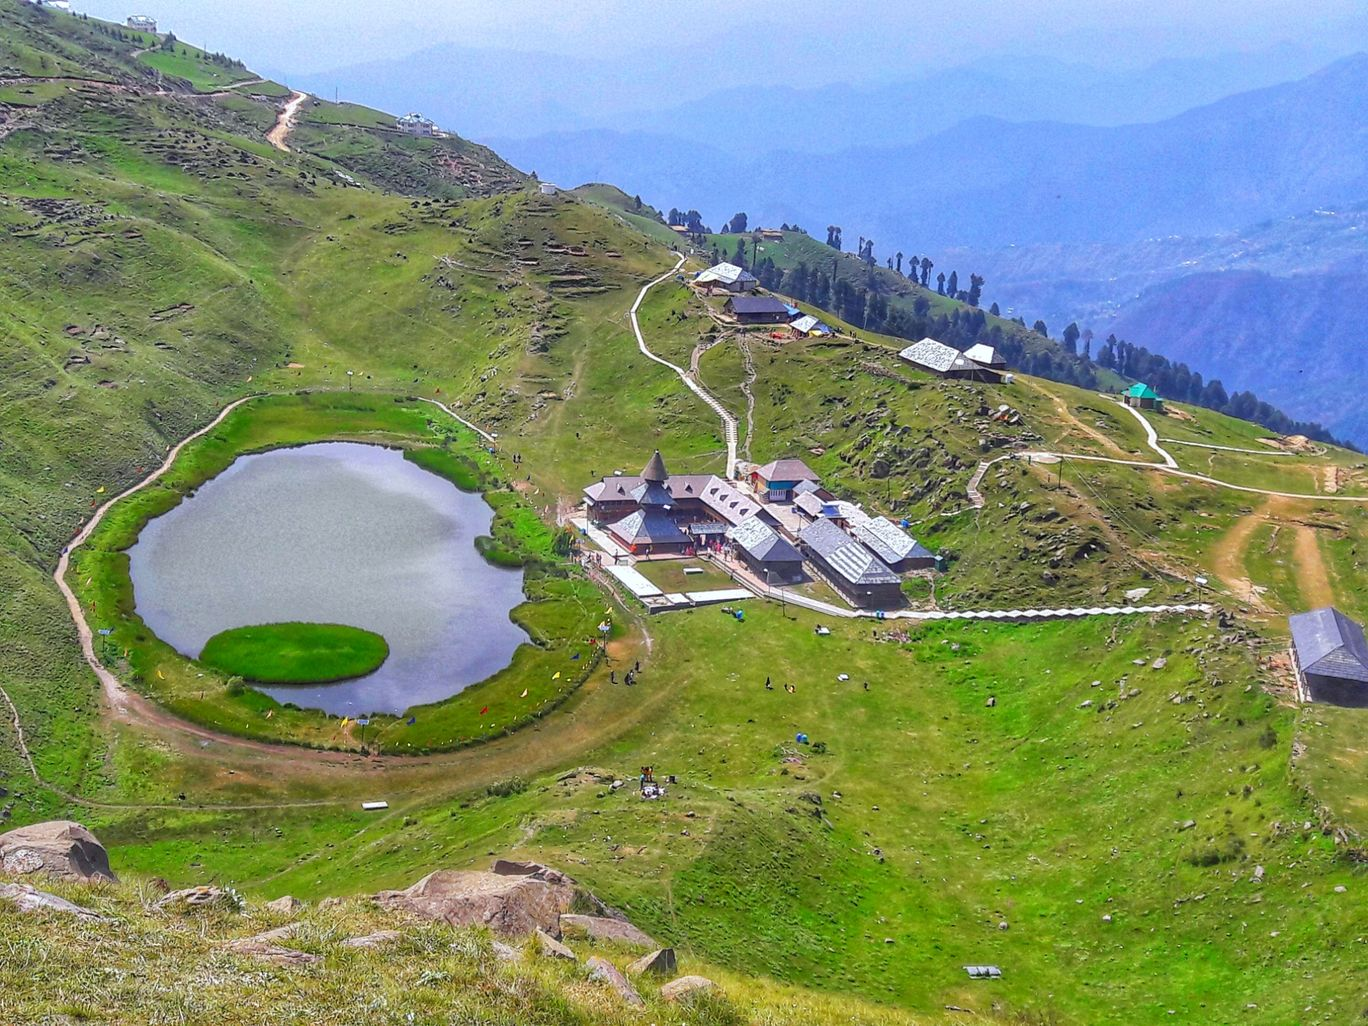 Photo of Prashar Lake - Sunshine Himalayan Camp By Rajan Sen